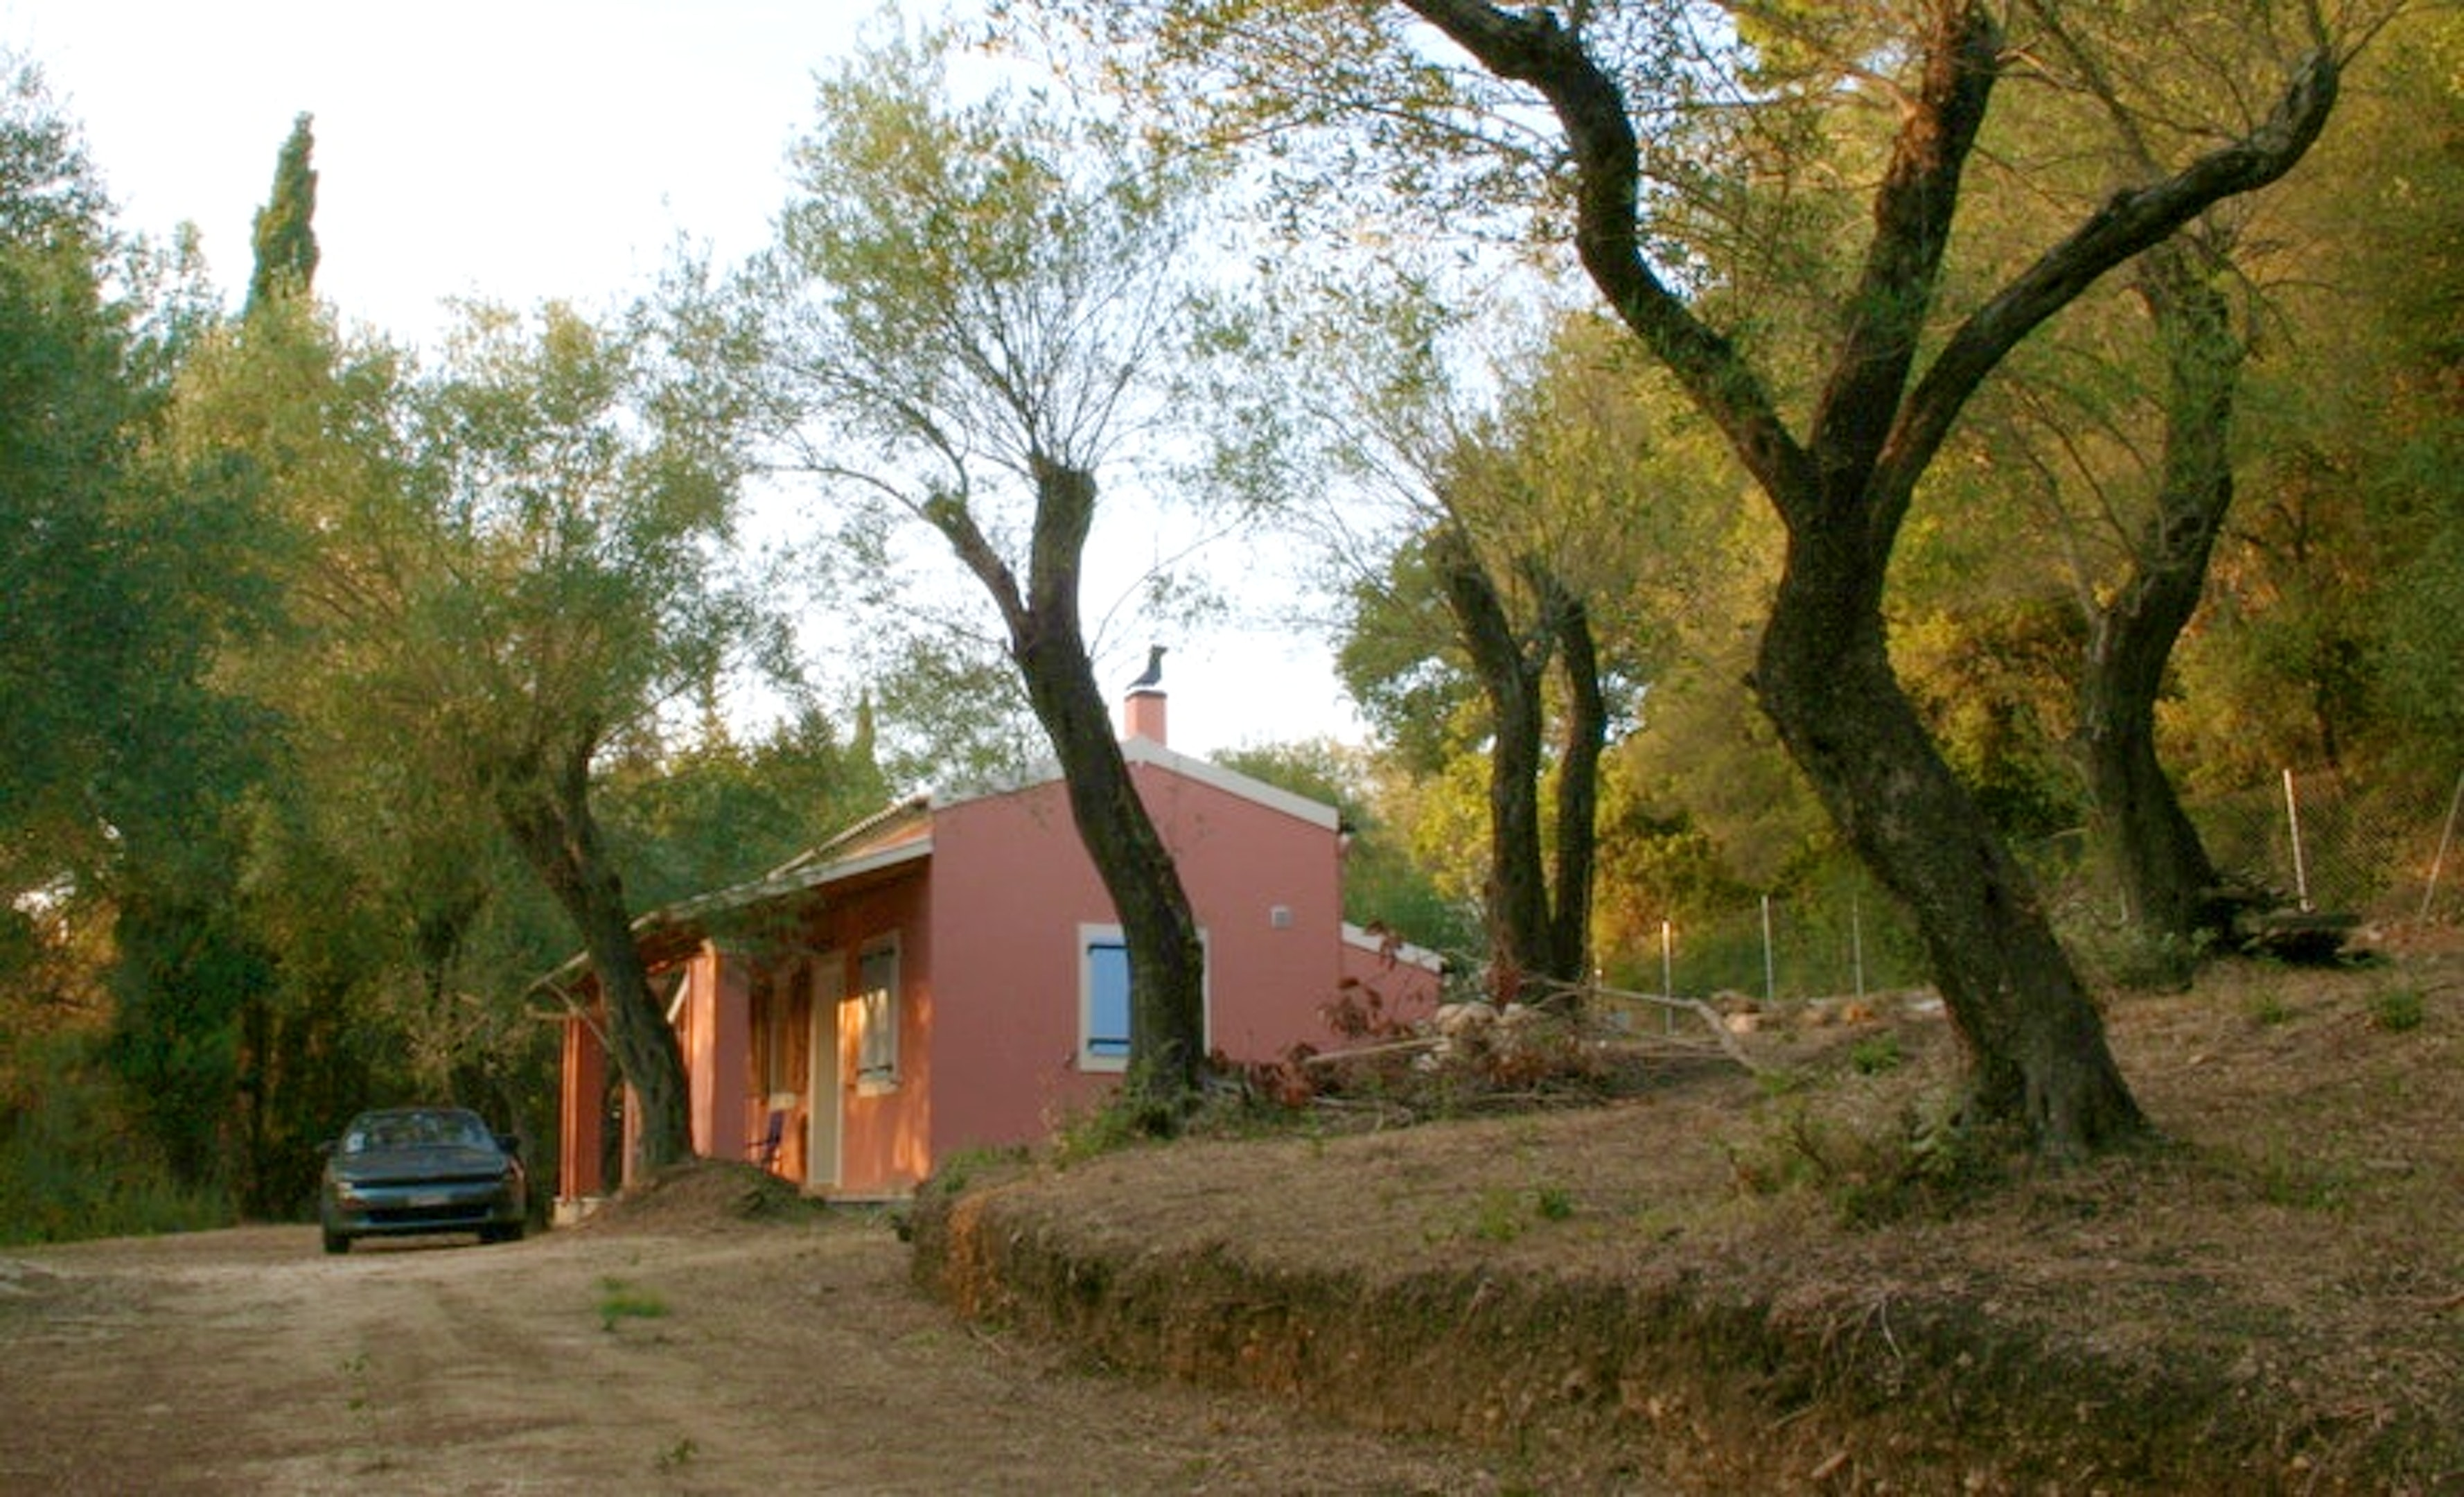 Maison de vacances Haus mit 2 Schlafzimmern in Corfou mit toller Aussicht auf die Berge (2202447), Moraitika, Corfou, Iles Ioniennes, Grèce, image 16